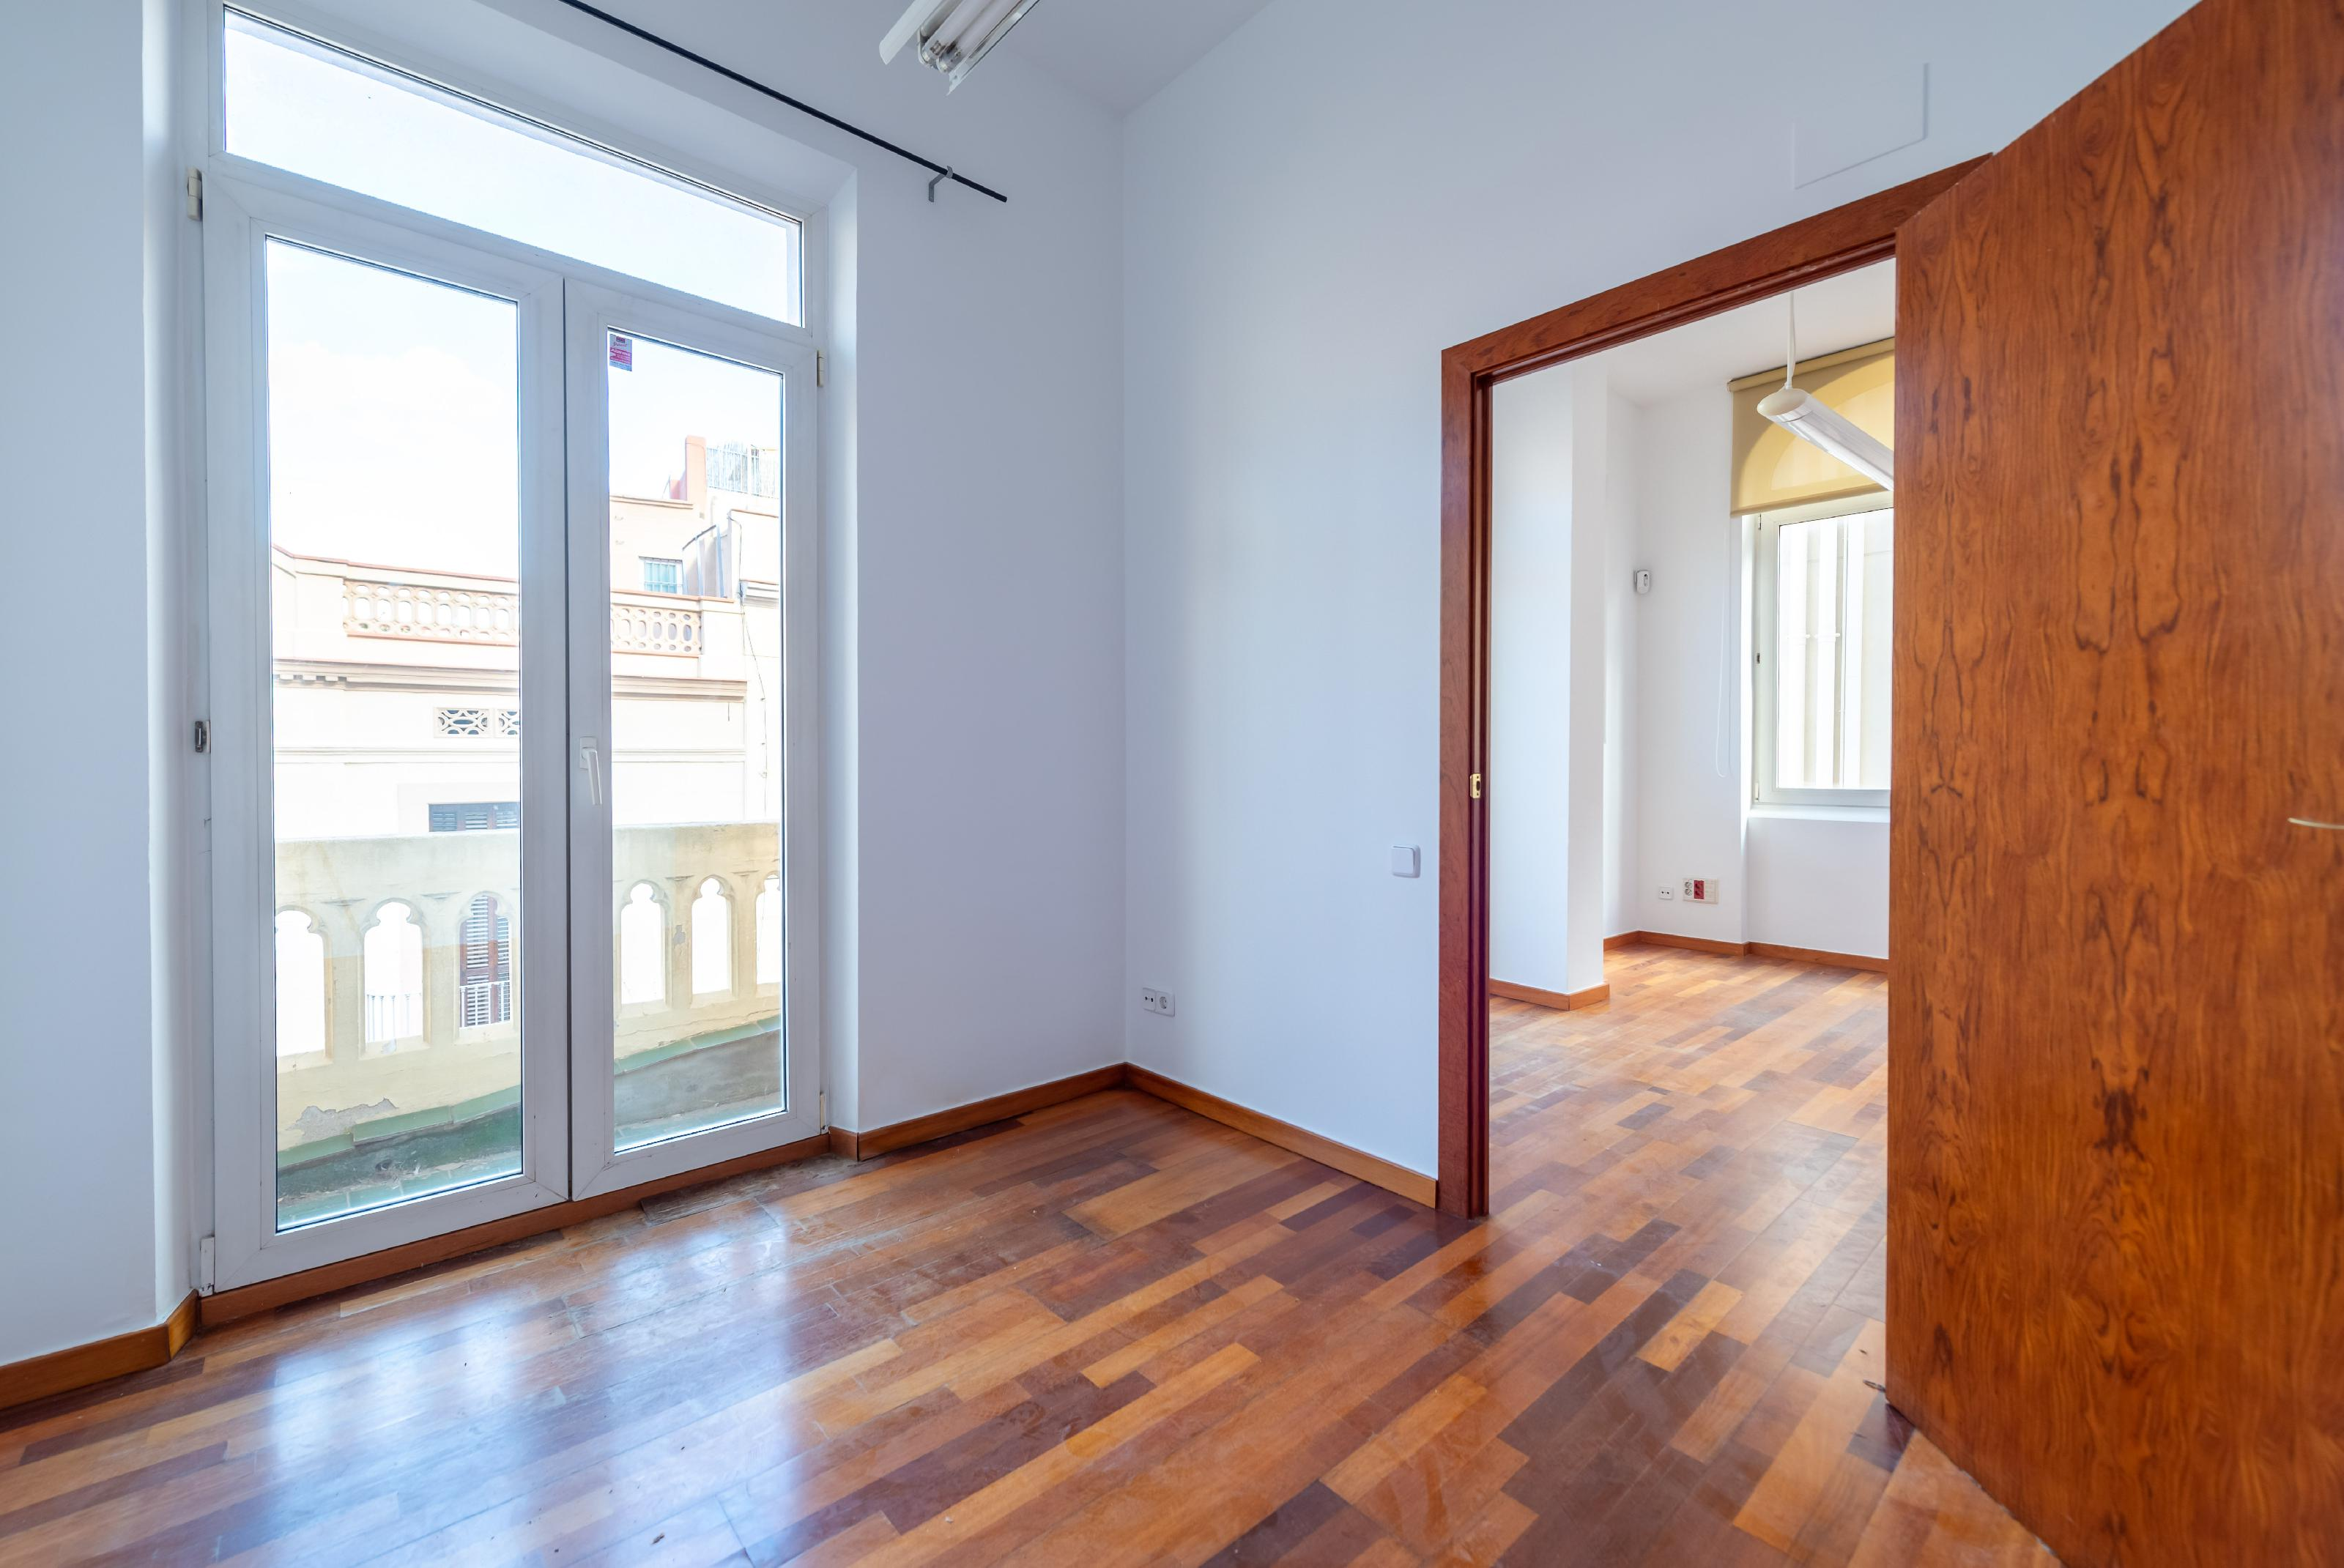 246065 Flat for sale in Sarrià-Sant Gervasi, Sarrià 16